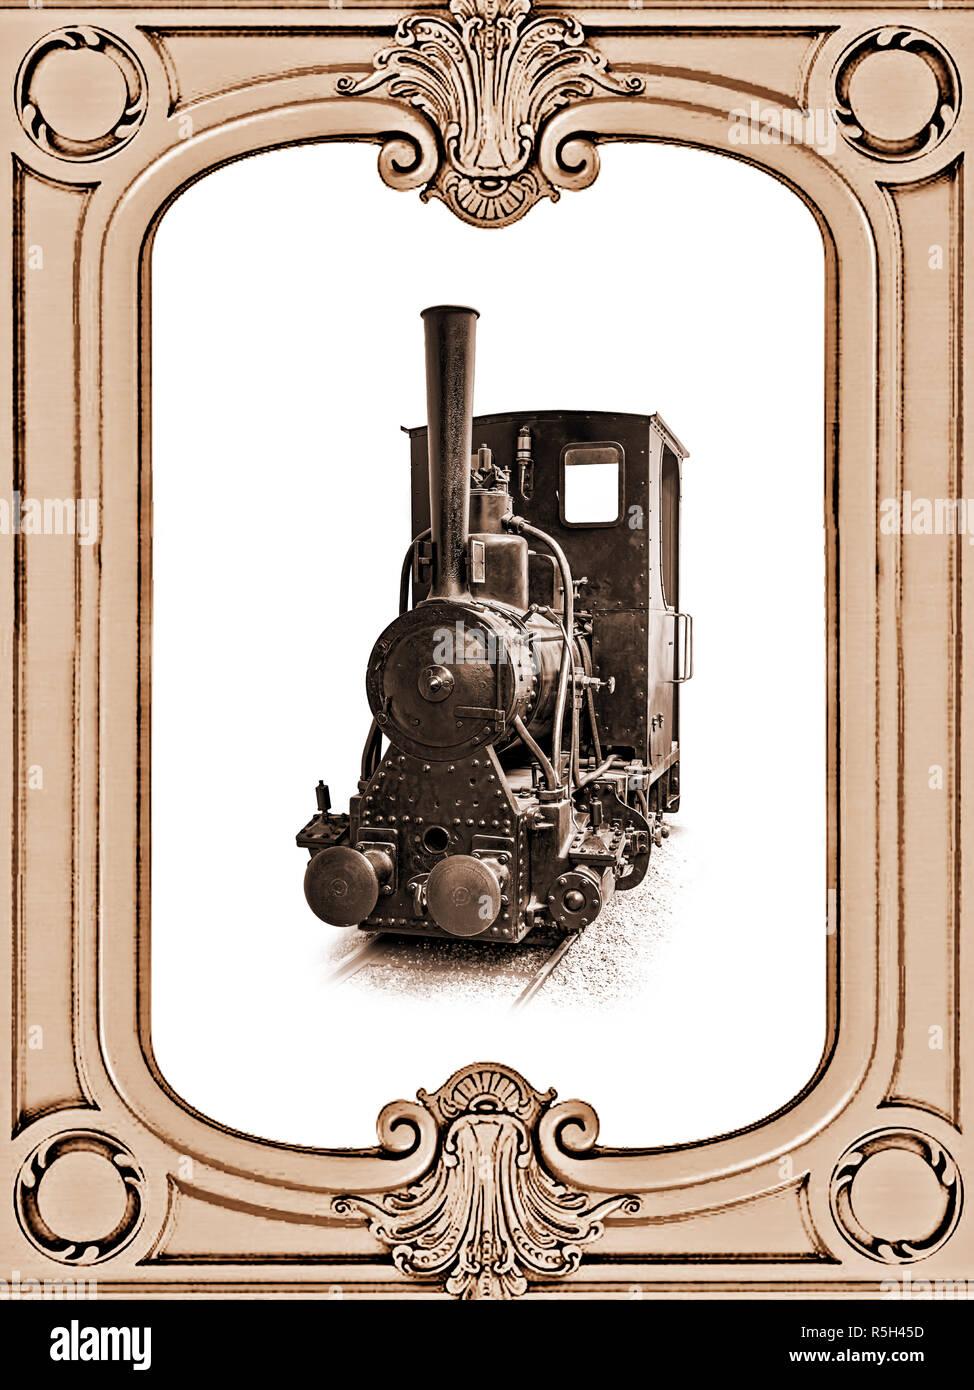 Narrow gauge industrial steam locomotive inside vintage frame, sepia color. - Stock Image